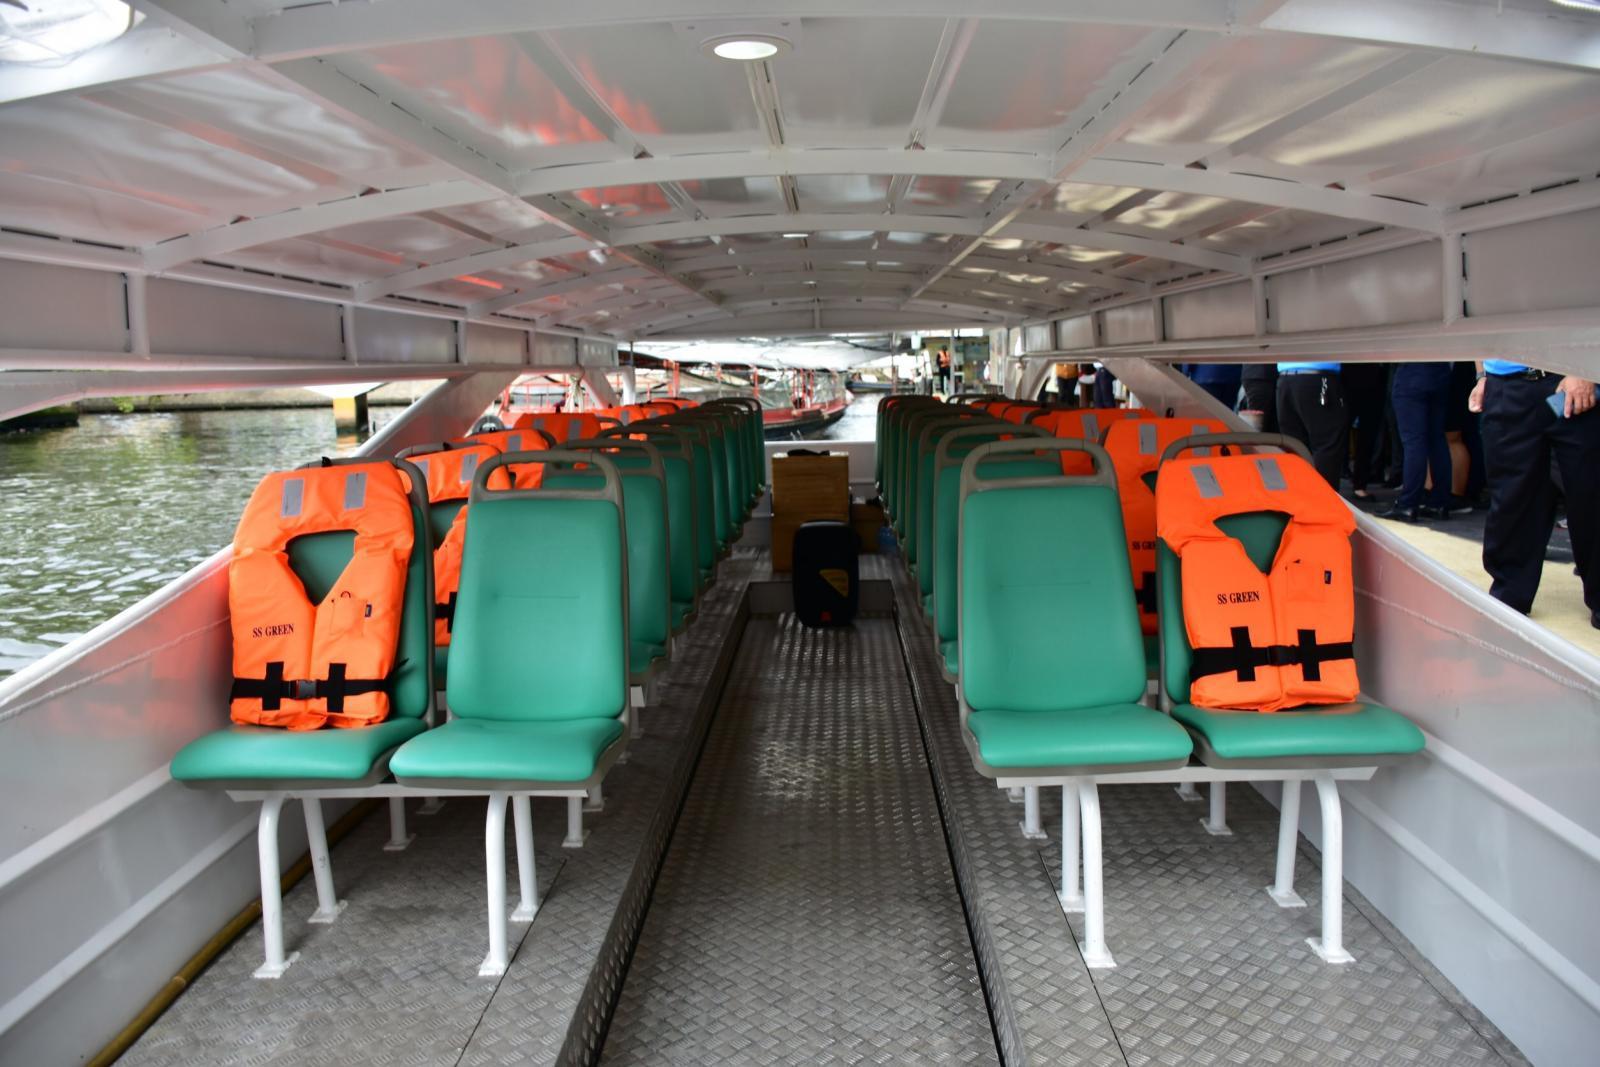 """เปิดภาพการทดสอบ """"เรือโดยสารไฟฟ้า"""" เตรียมให้บริการคลองแสนแสบในอนาคต"""